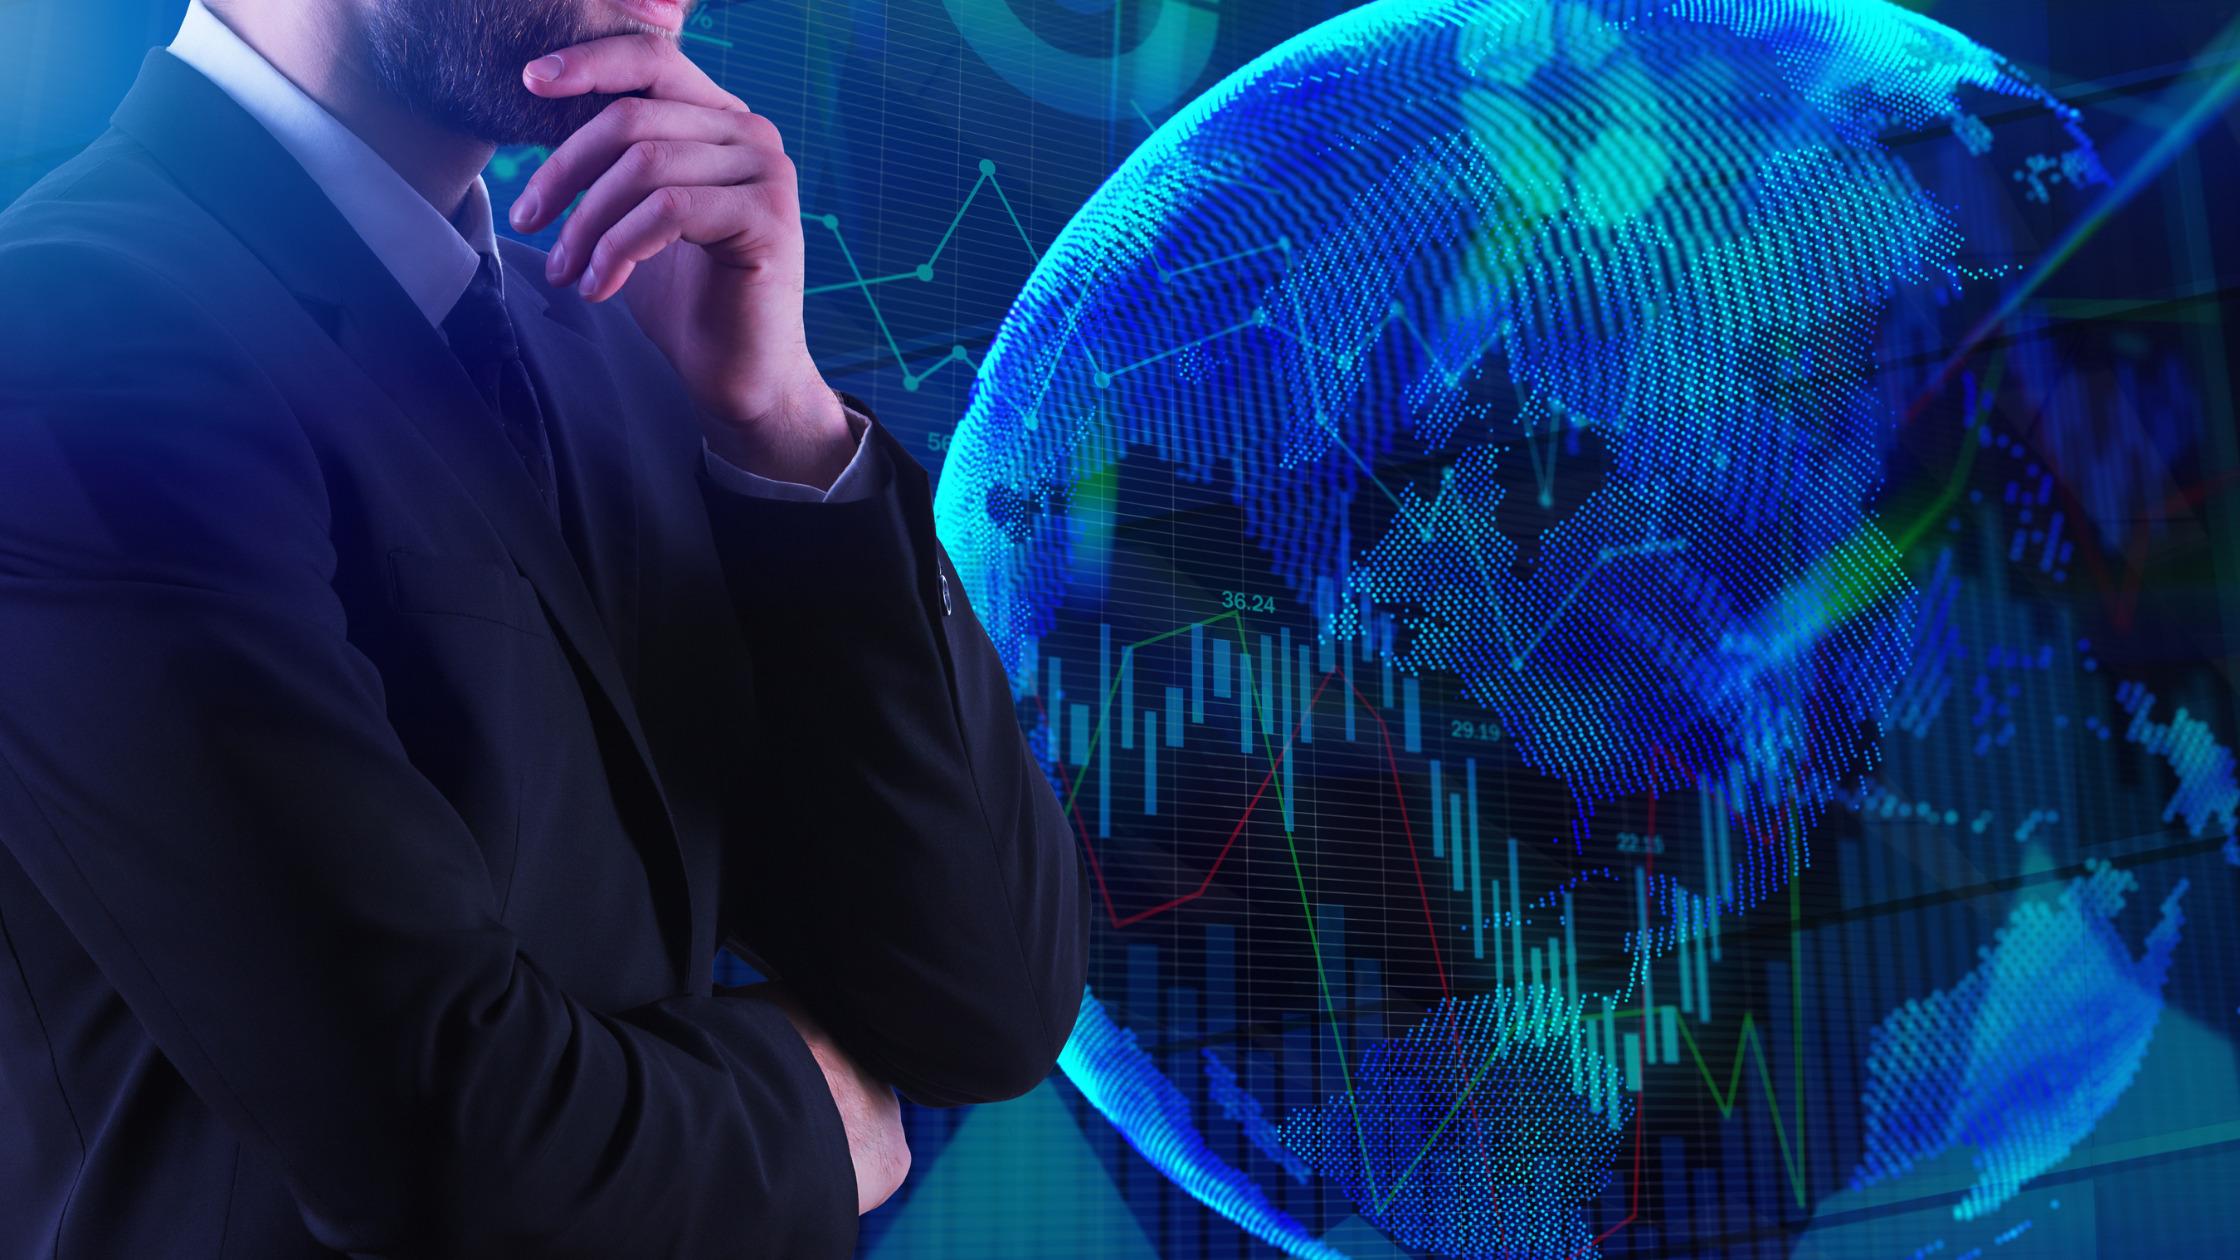 Descubra os melhores investimentos internacionais para o seu dinheiro